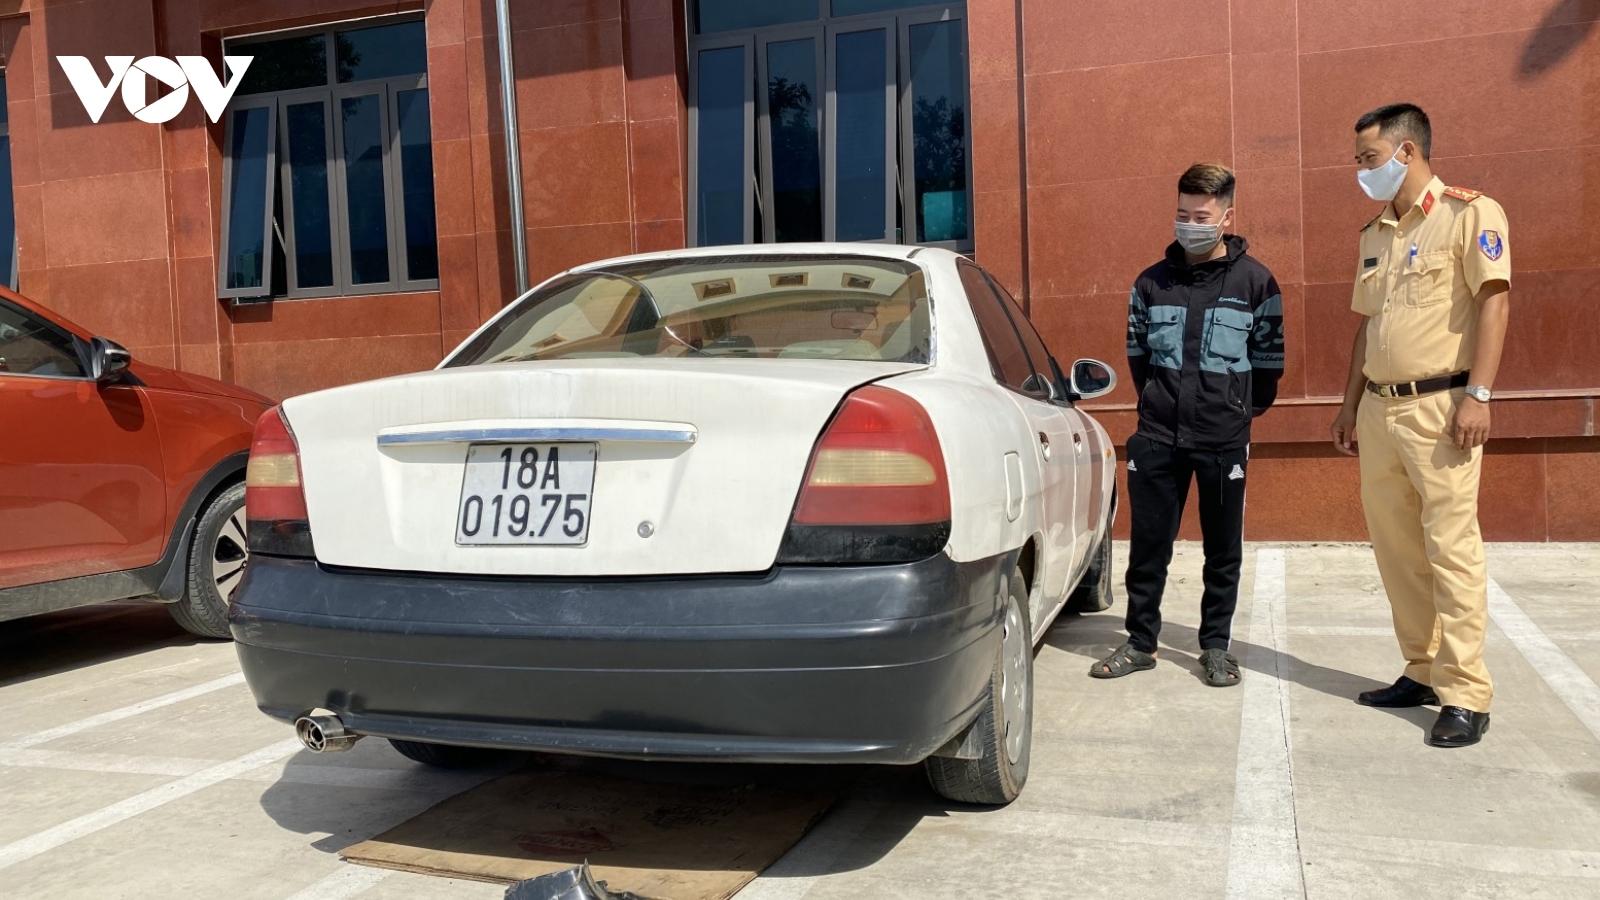 Vi phạm nồng độ cồn, một tài xế ở Điện Biên bị phạt 45 triệu đồng